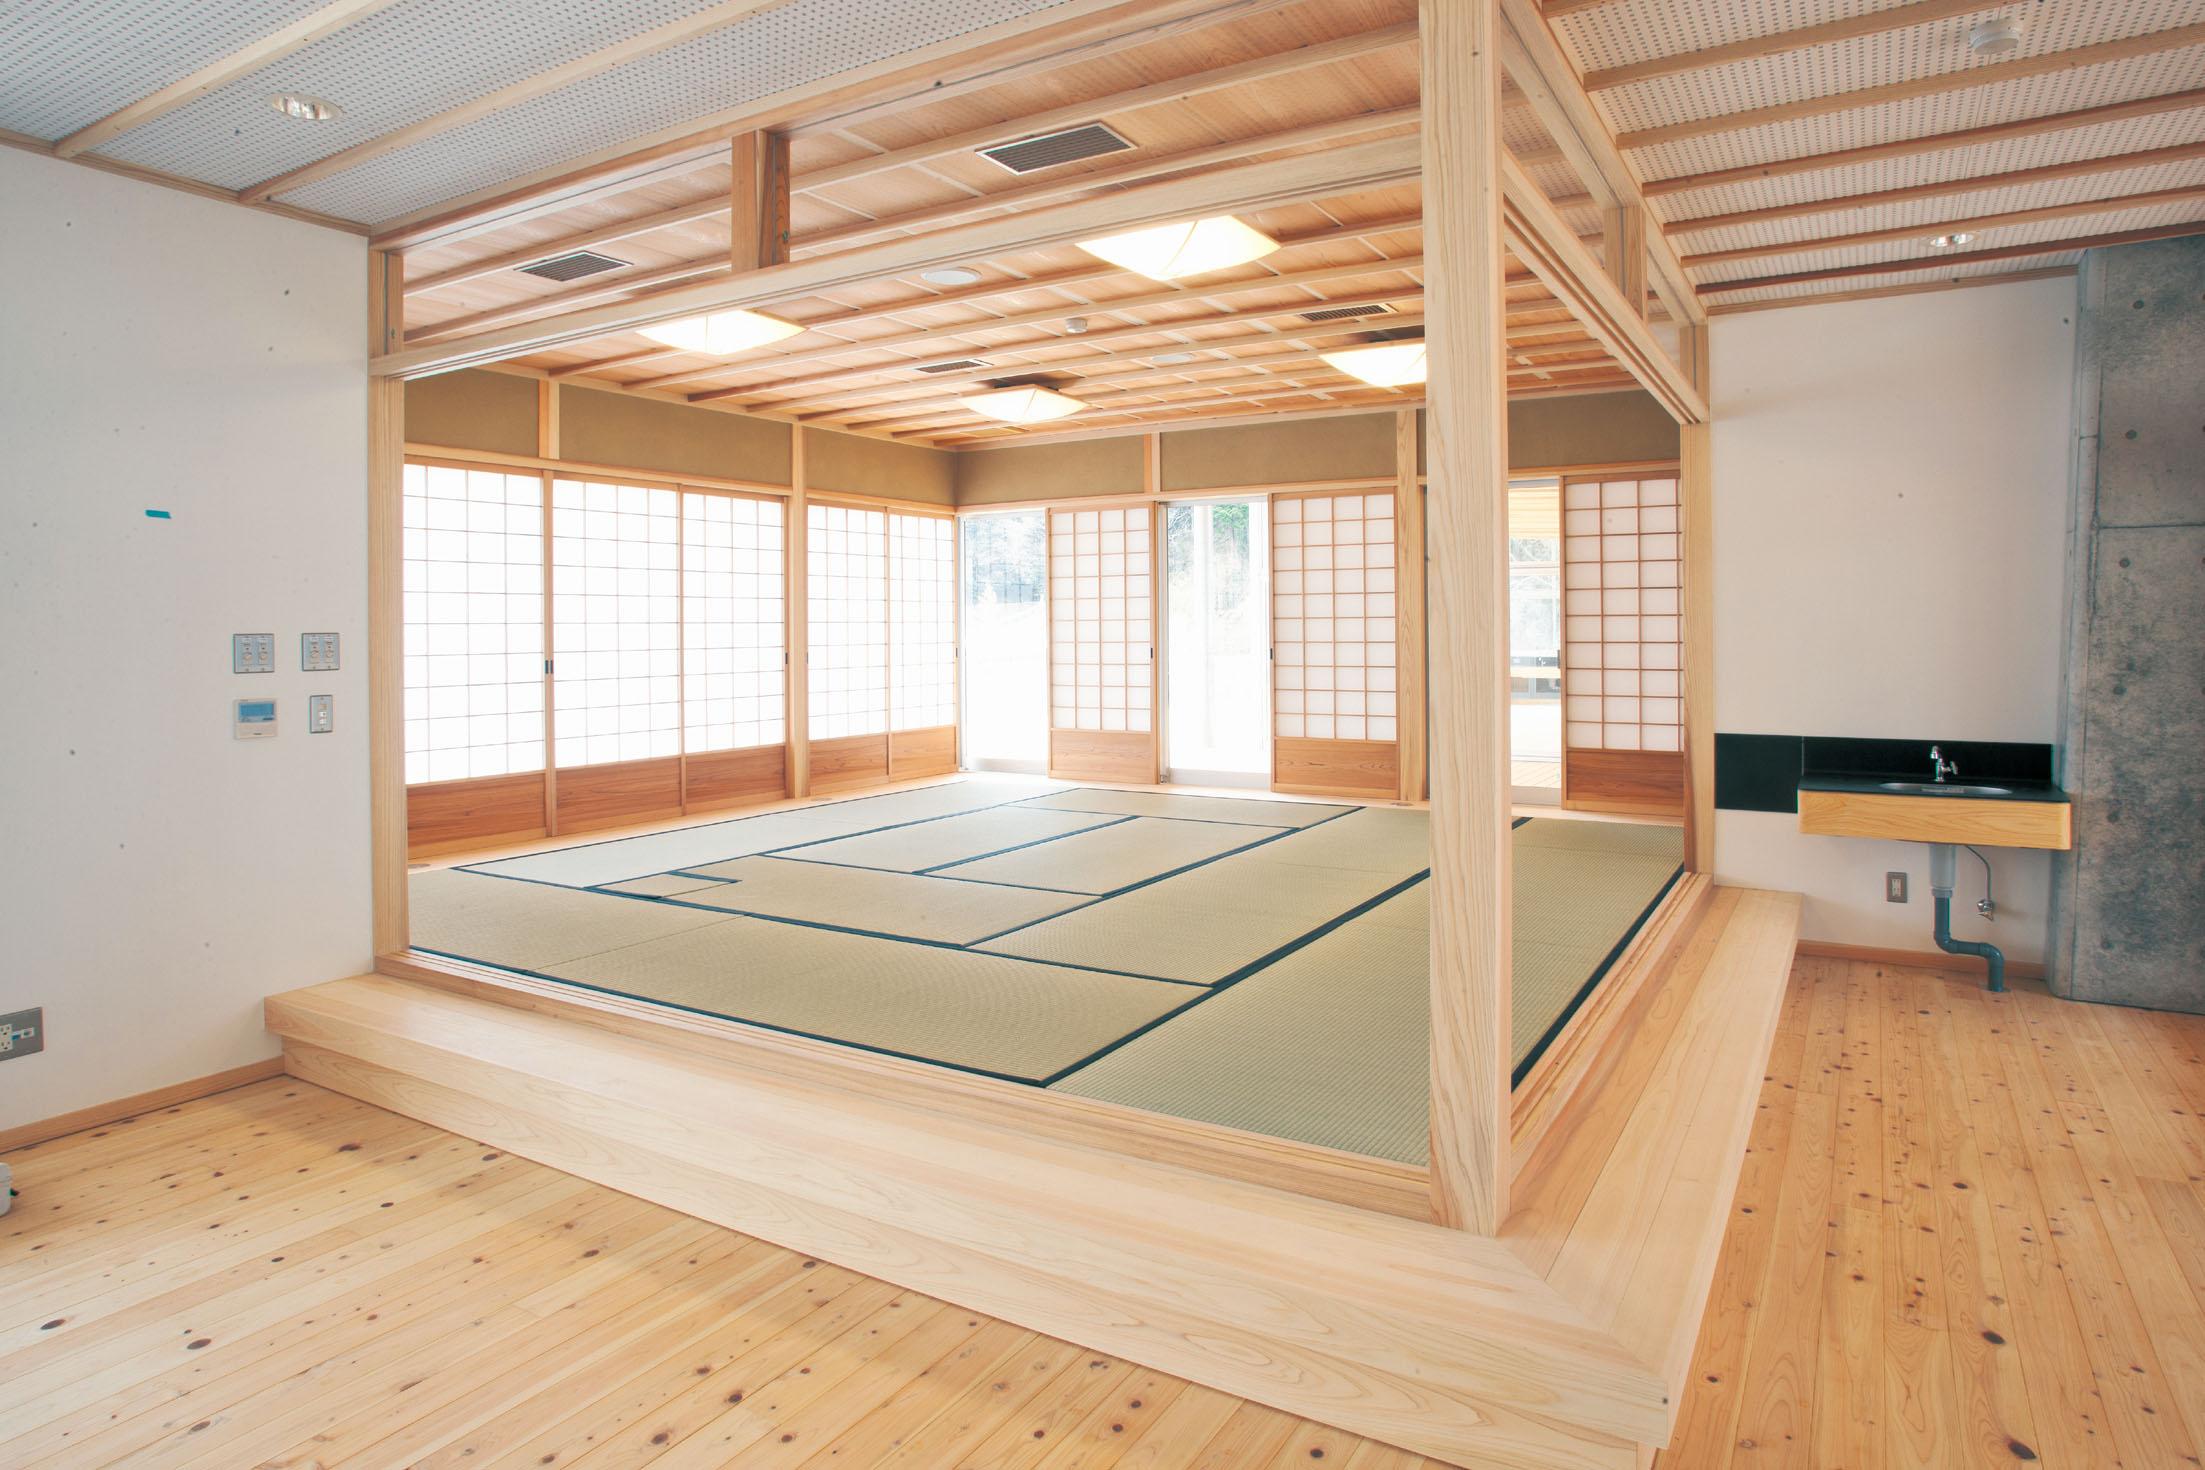 学校施設内に設けた和室。敷居・鴨居で和の空間が仕切られています